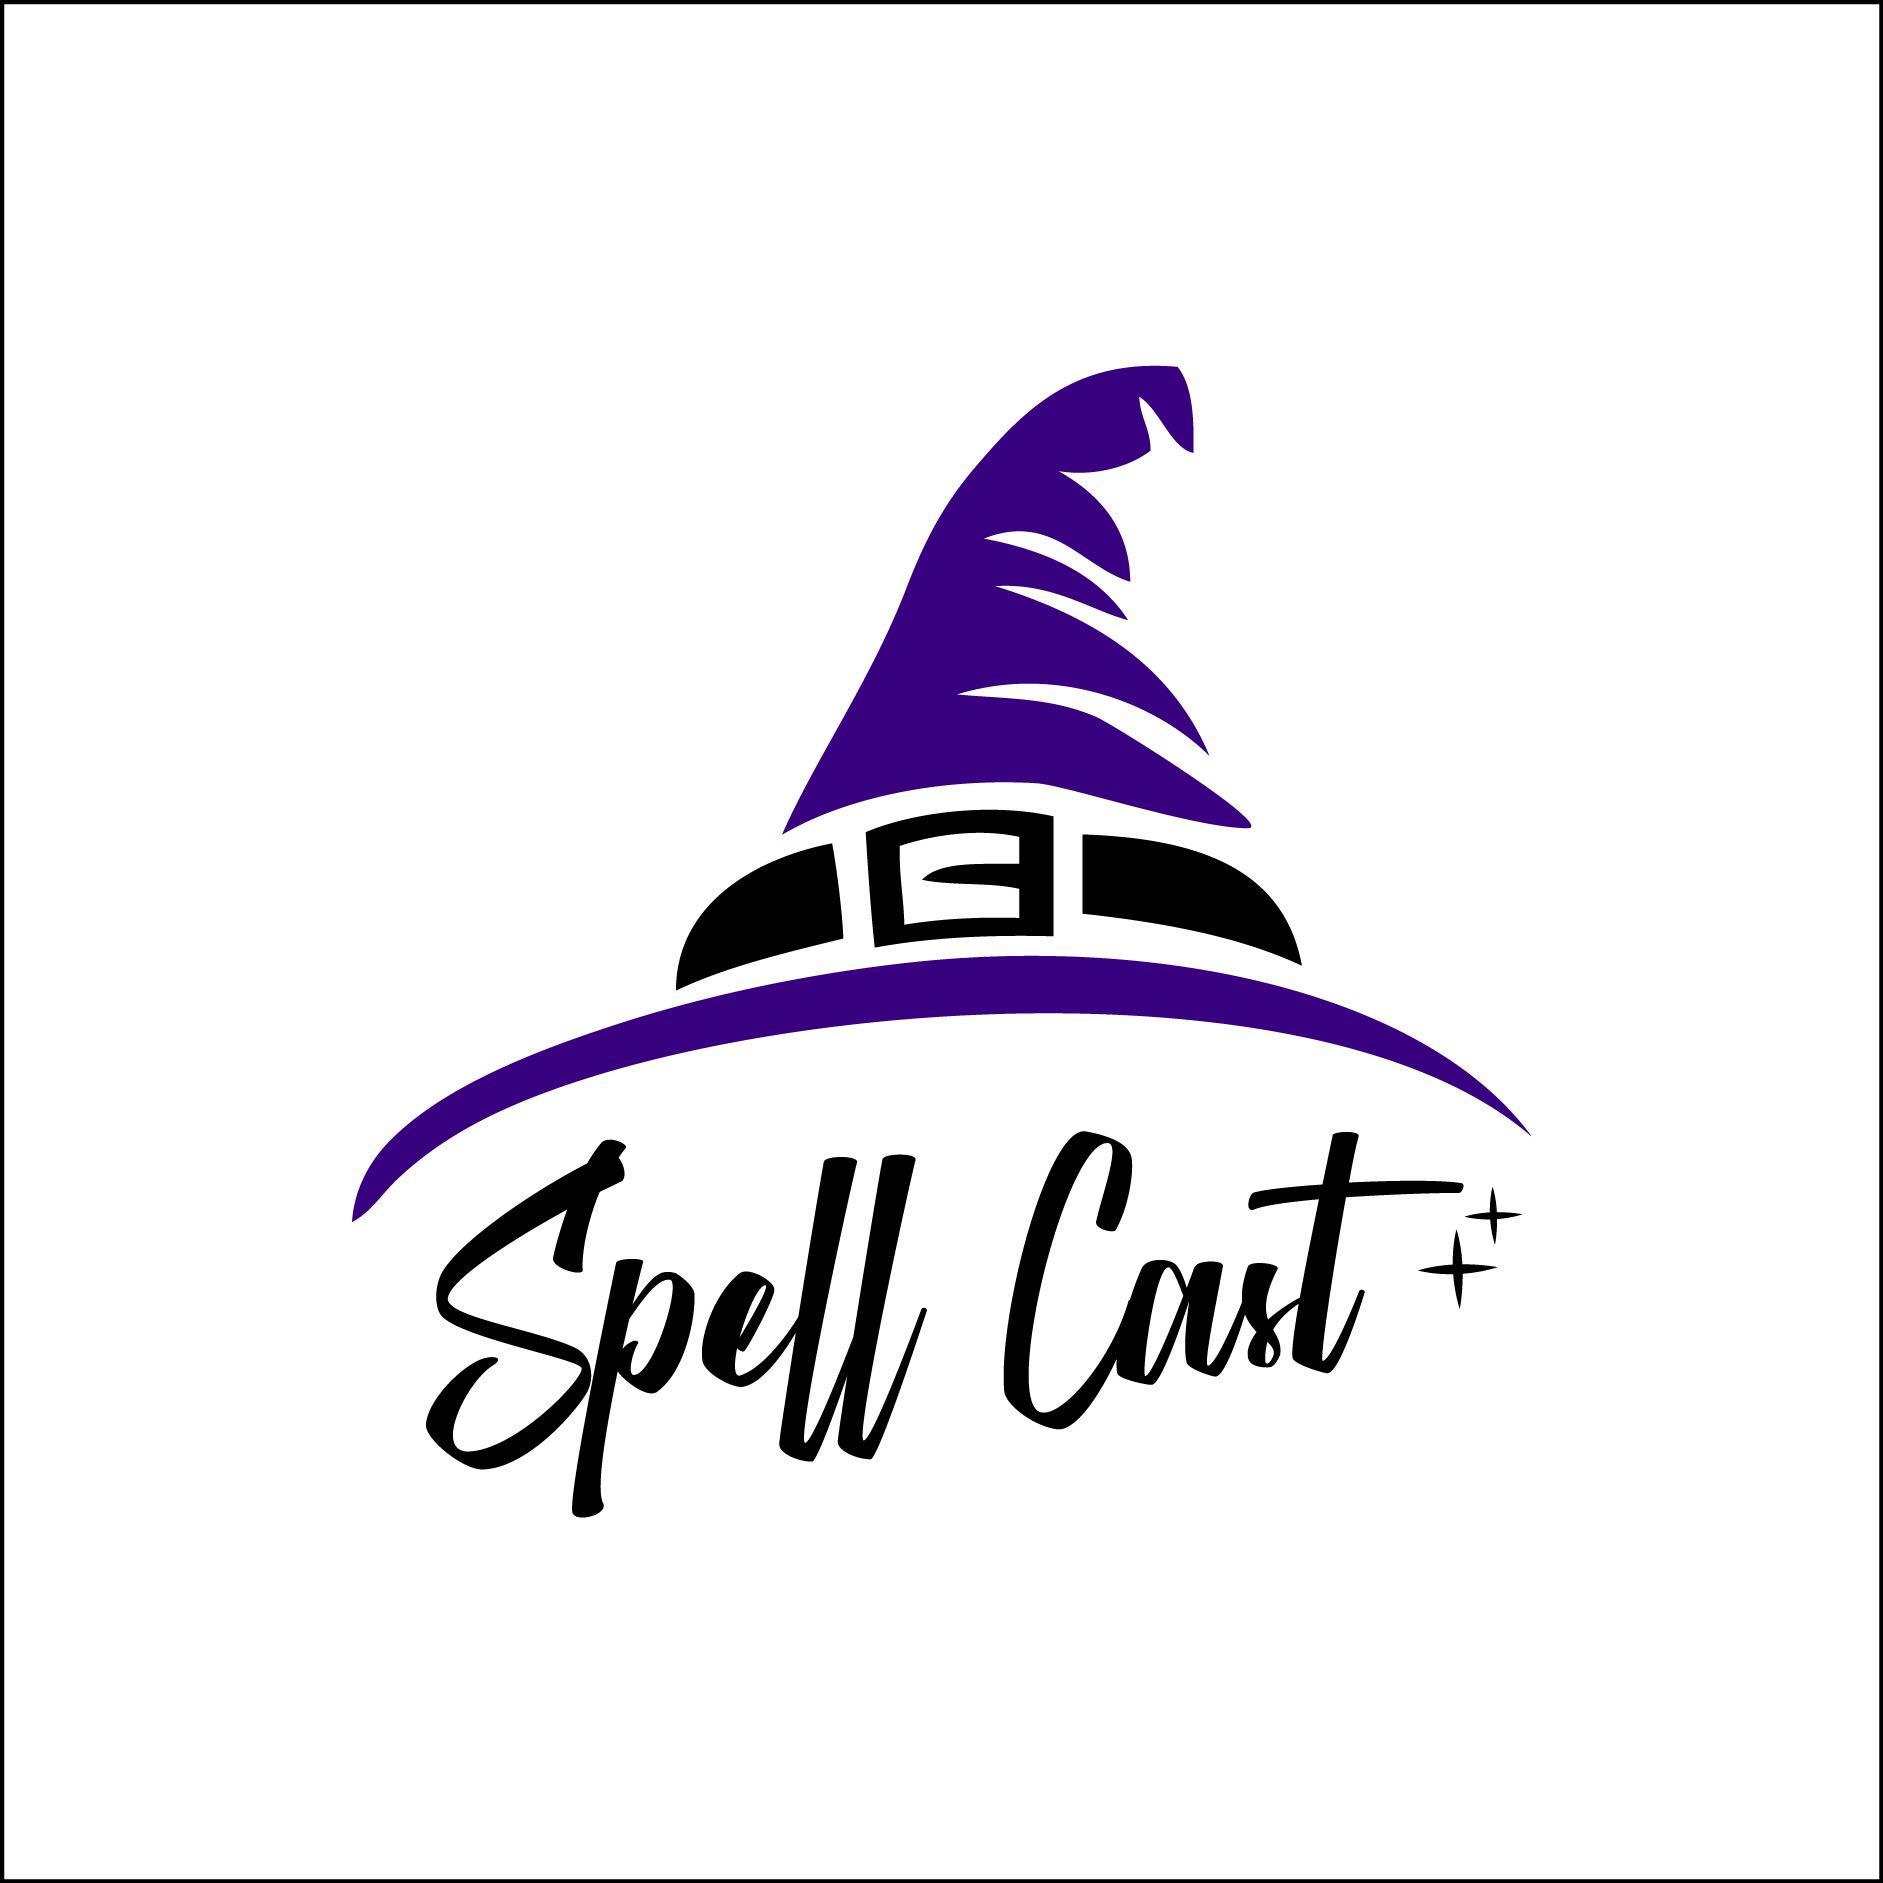 Spell Cast logo.jpg